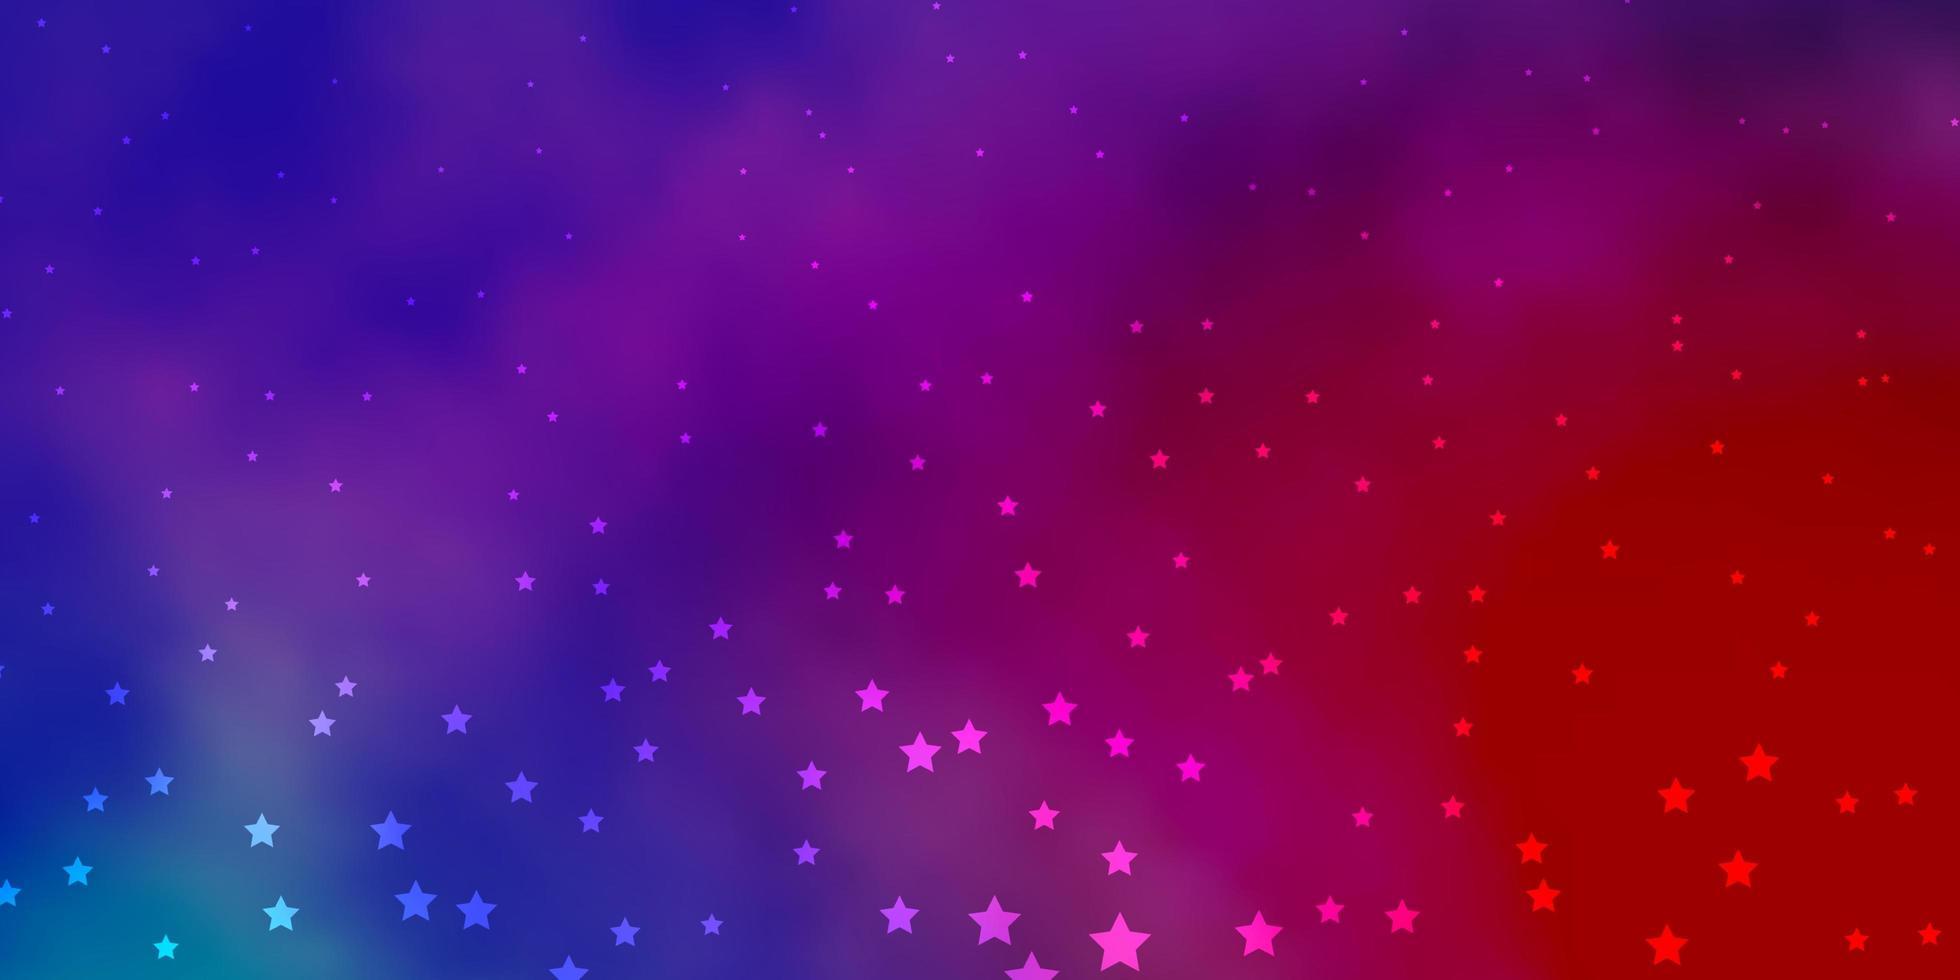 rosa und lila Muster mit abstrakten Sternen. vektor